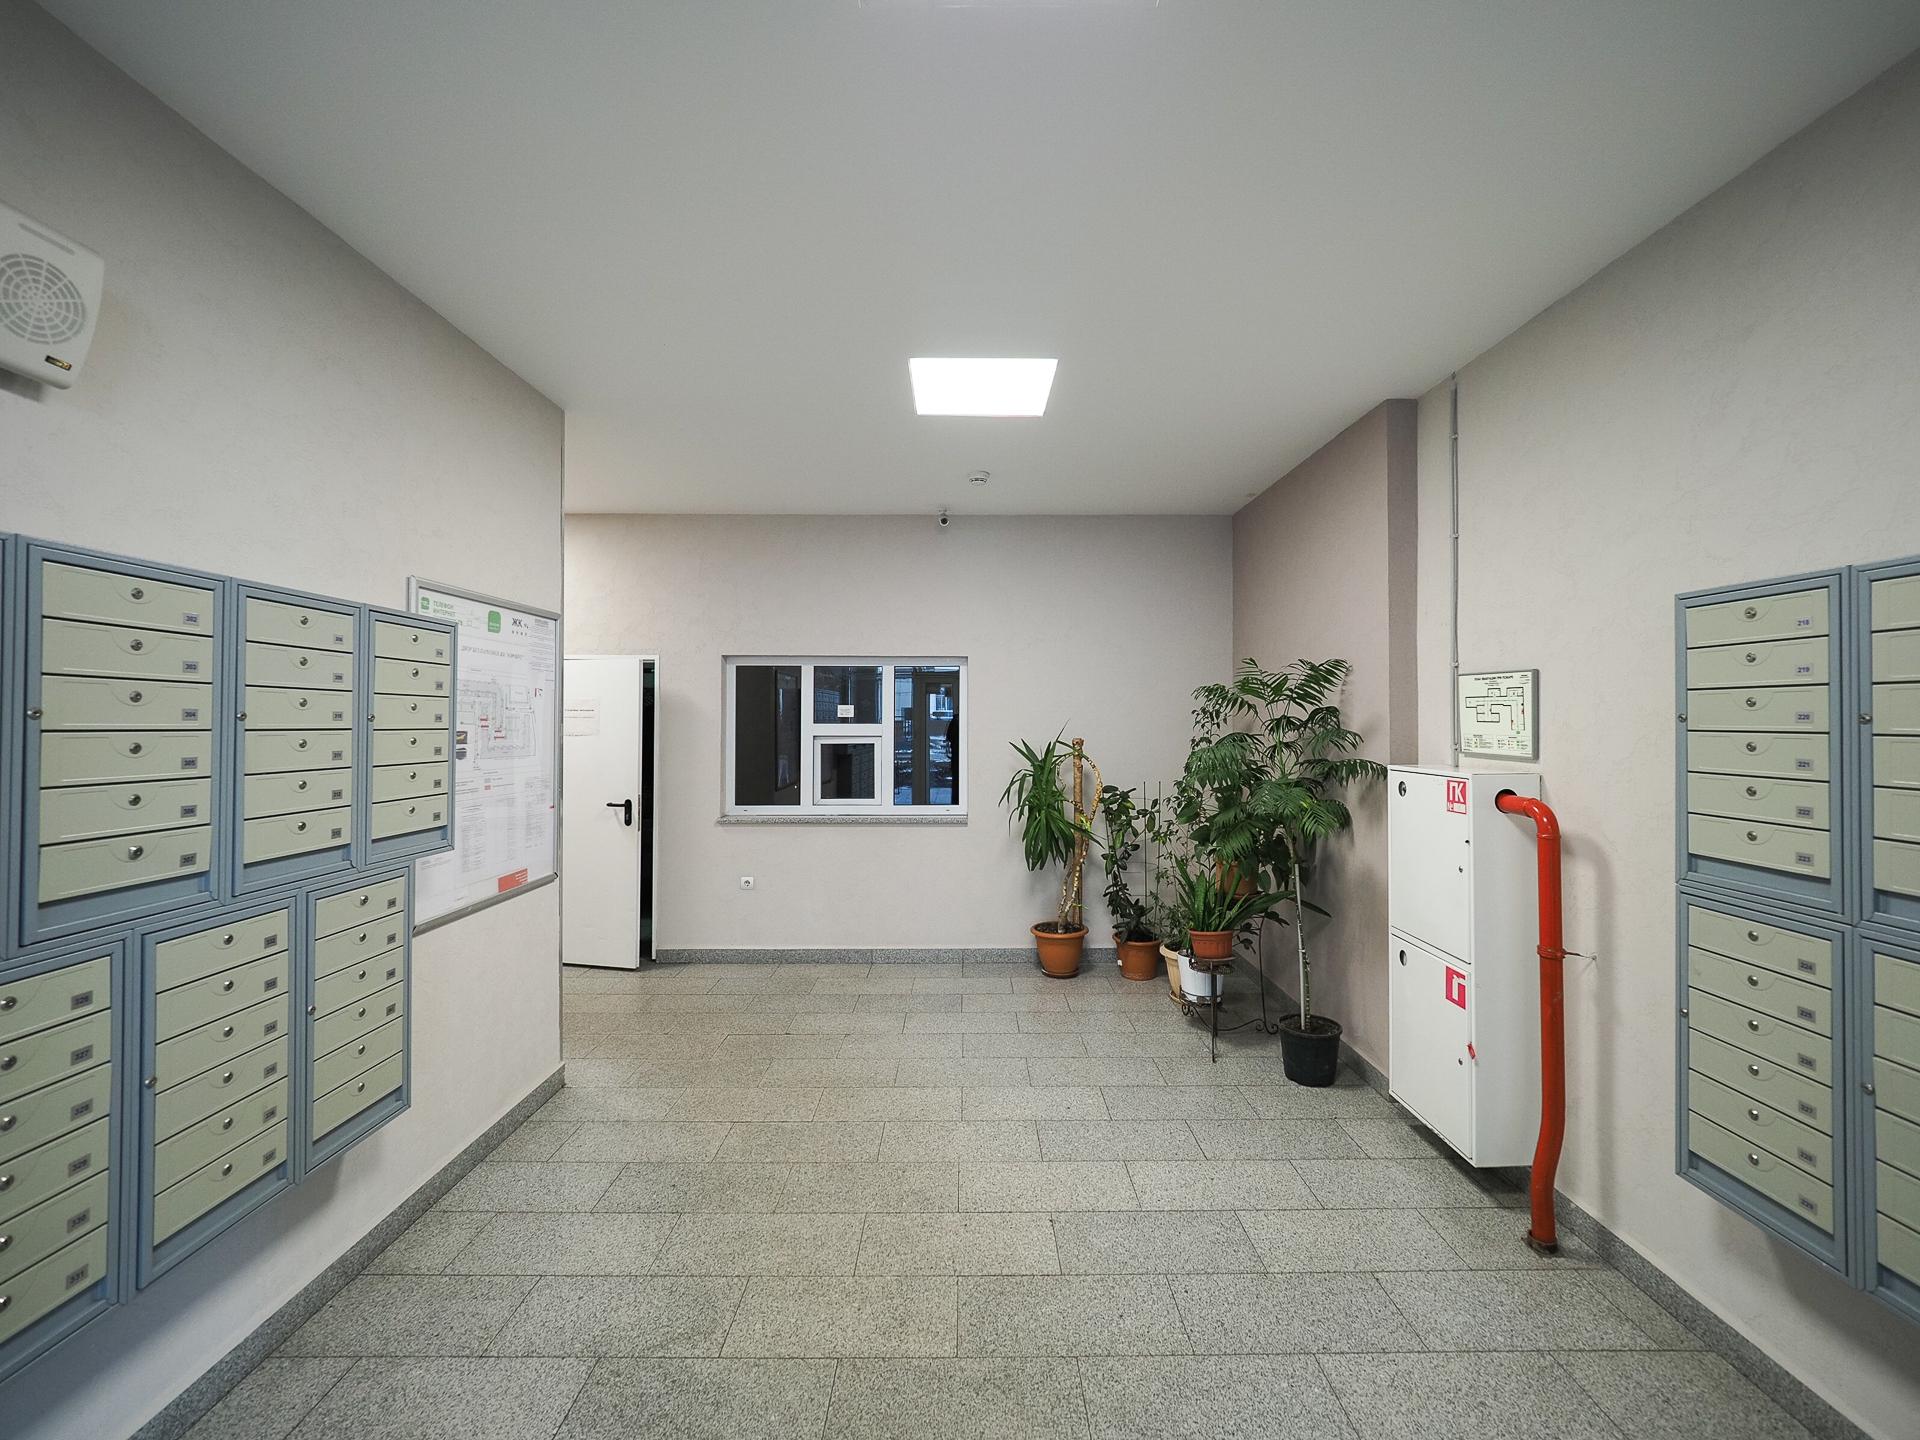 видовая квартира 22 этаж 100 Кв м 35